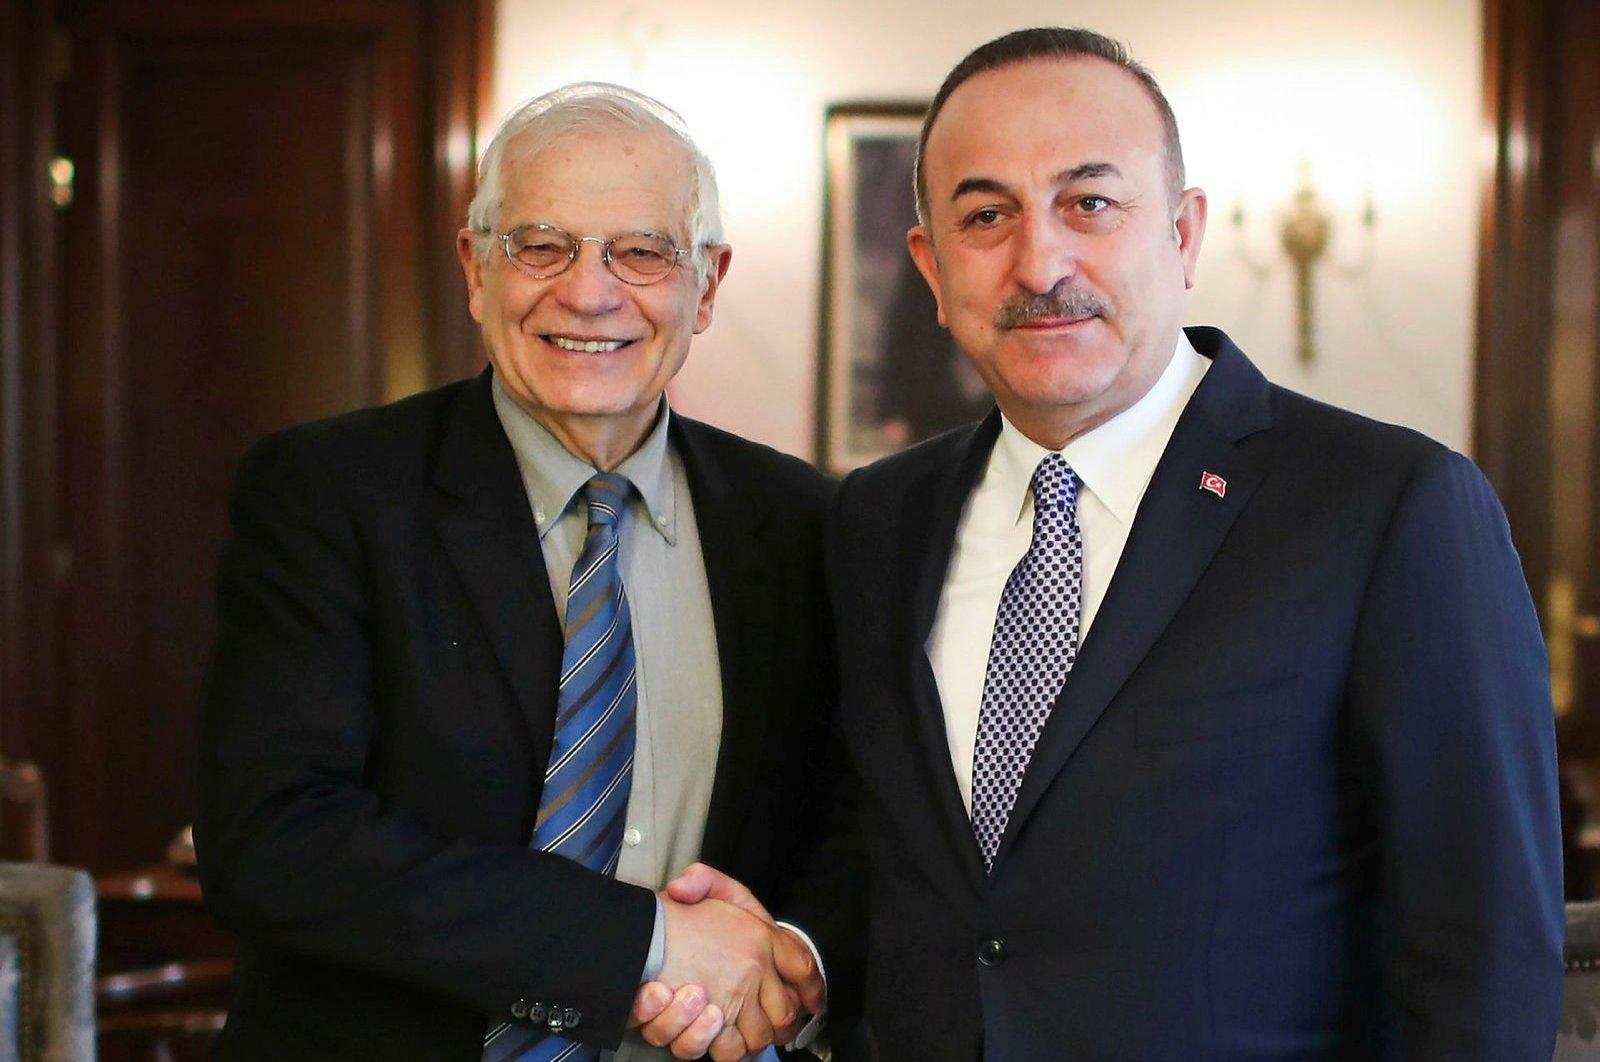 European Union Minister for Foreign Affairs Josep Borrell (L) and Turkey's Foreign Minister Mevlüt Çavuşoğlu in an undated photo. (AA Photo)